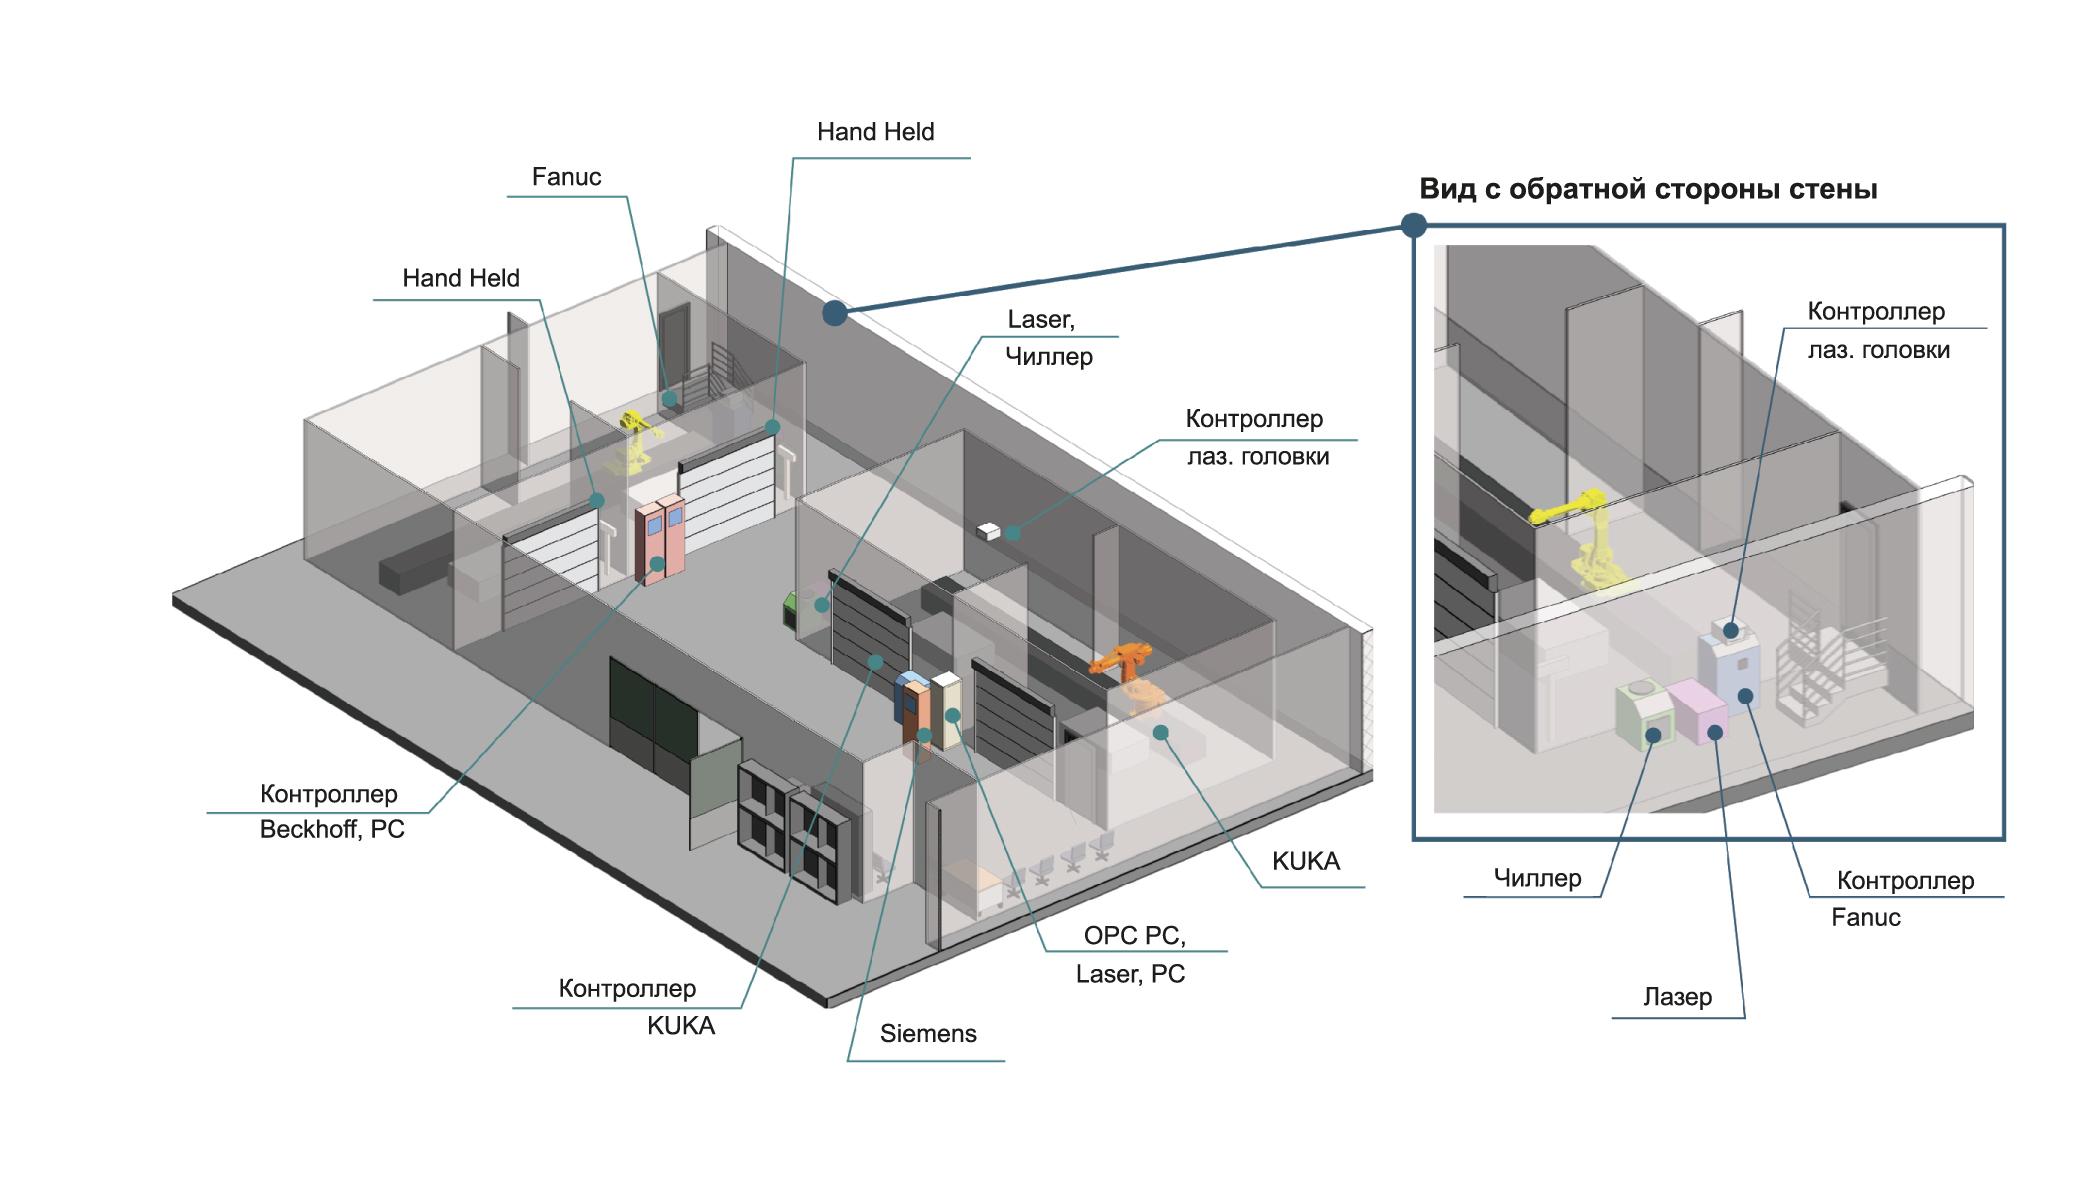 Обзор участка лазерной резки прессового производства